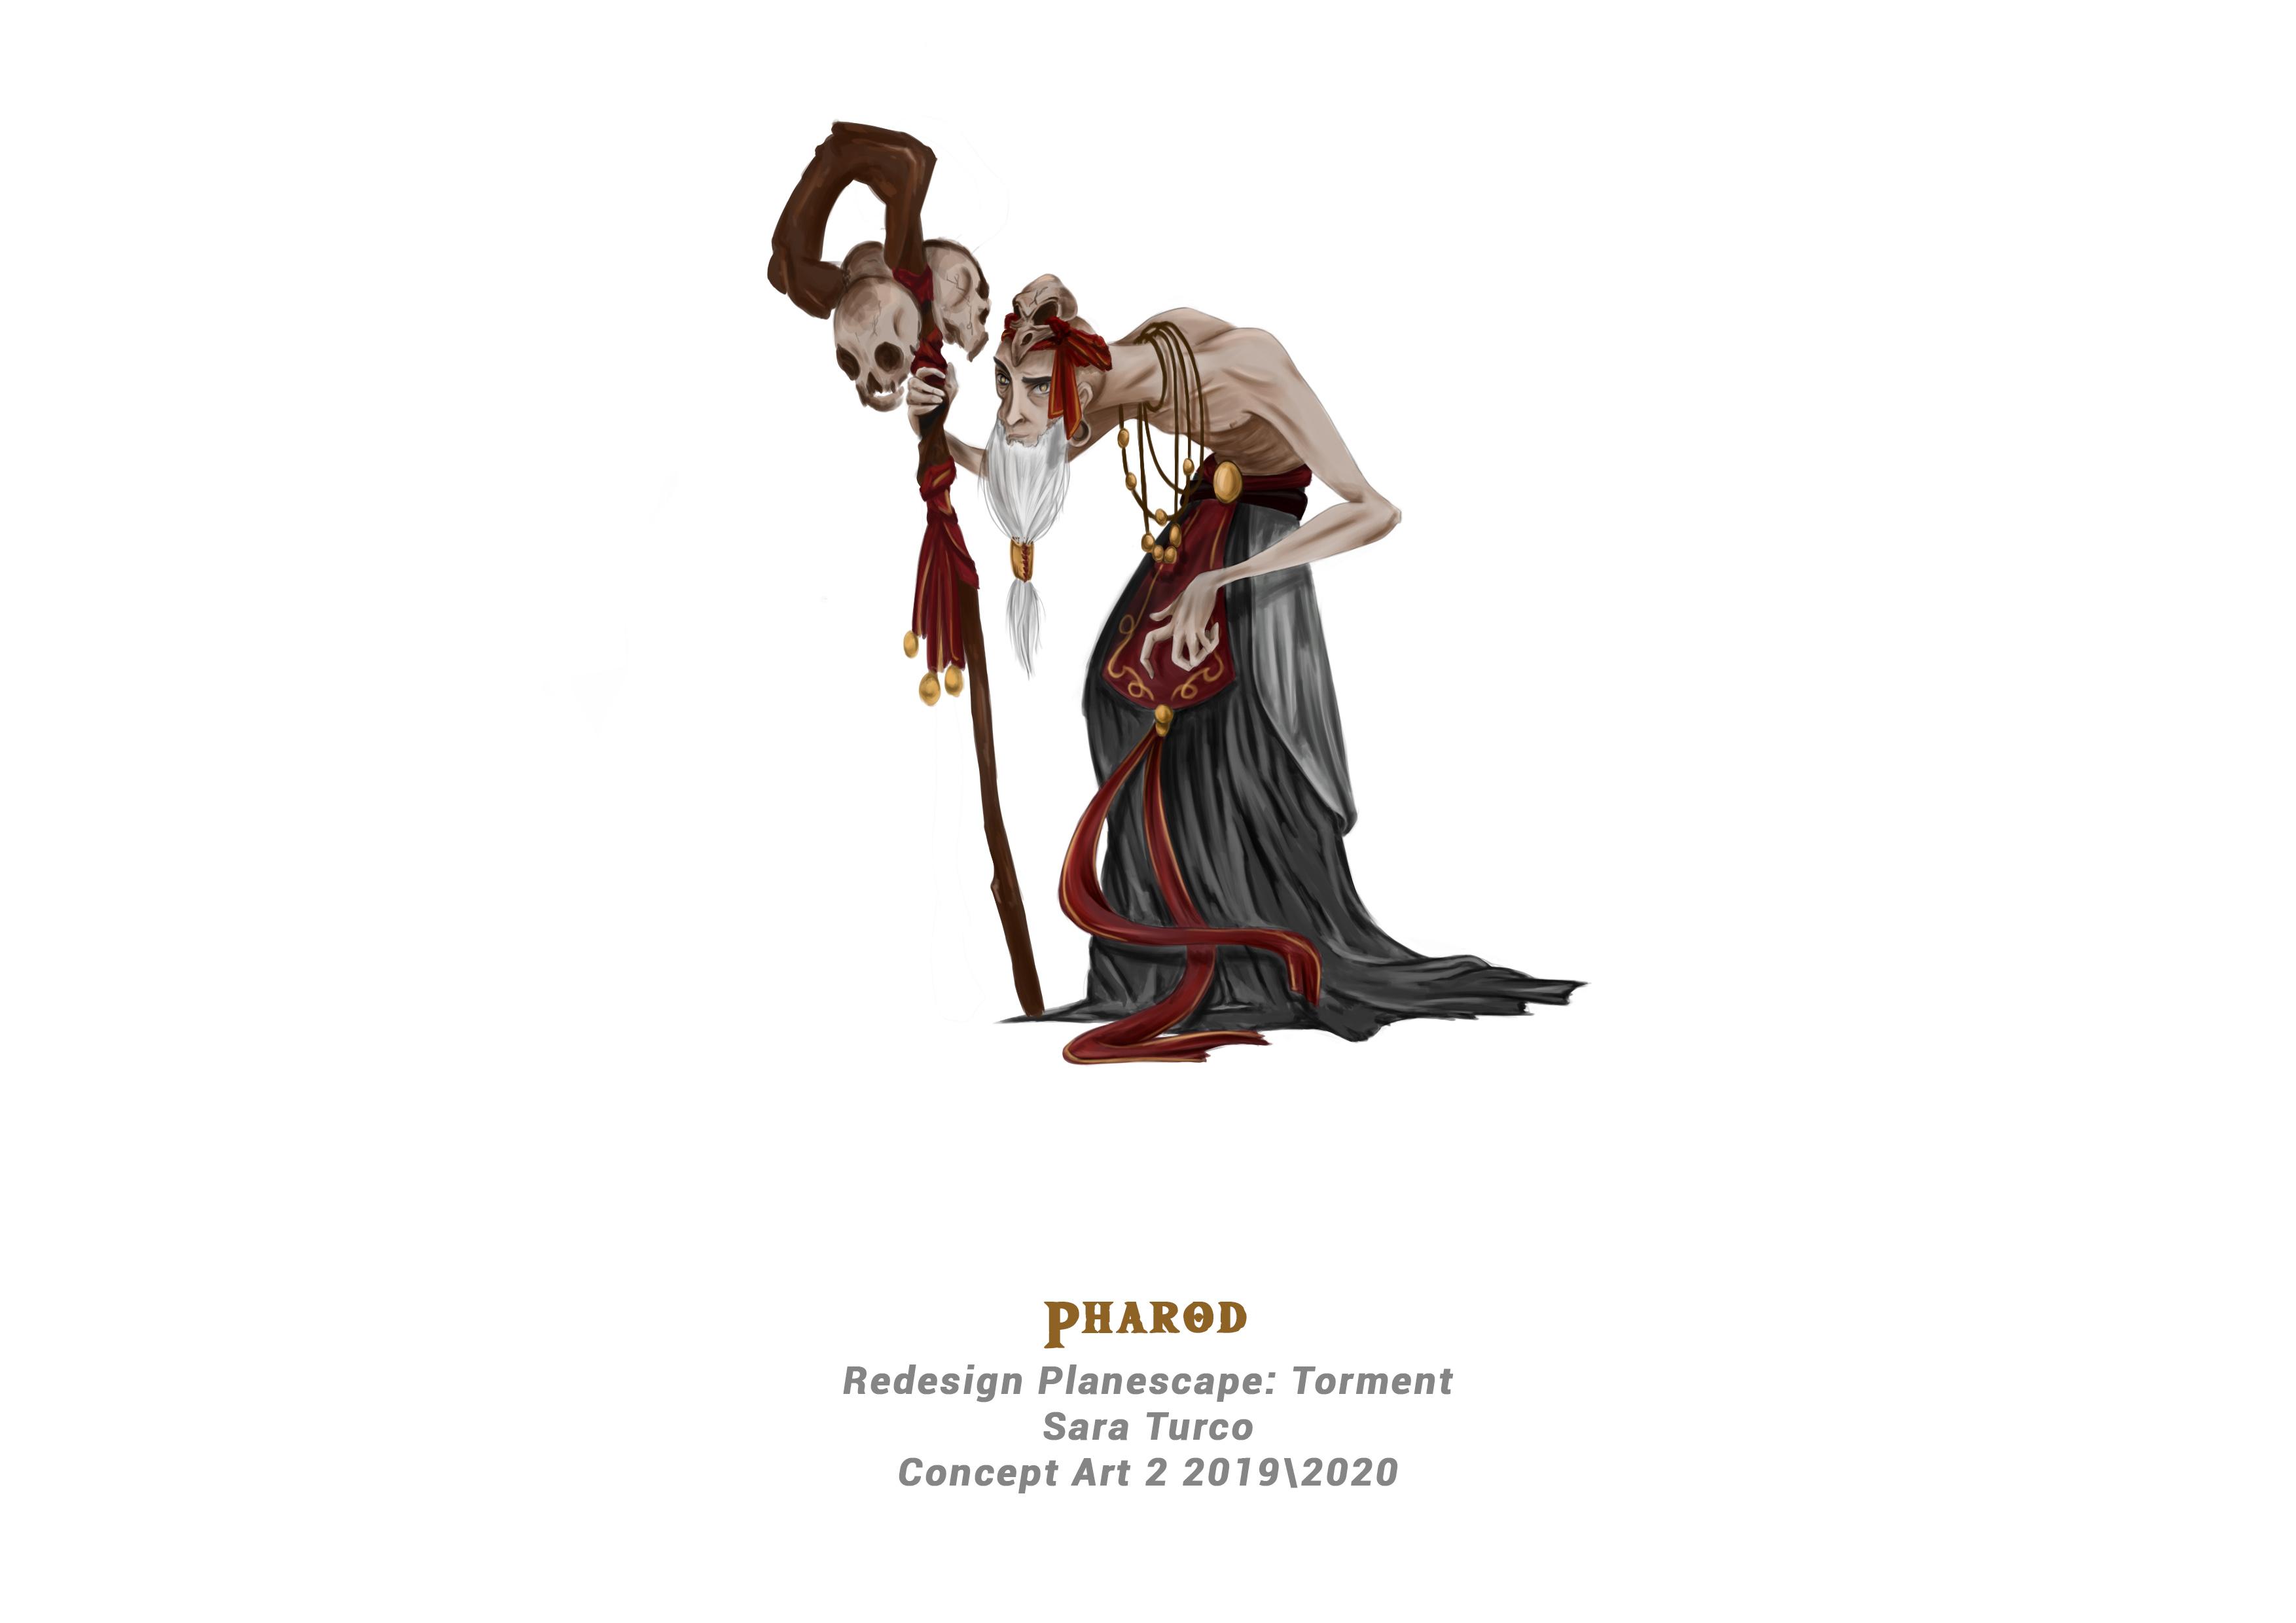 {$tags} Concept study personaggio, Pharod - by Sara Turco Planescape Torment Redesign Project (2020) © Scuola Internazionale di Comics Torino e dell'autore, tutti i diritti riservati